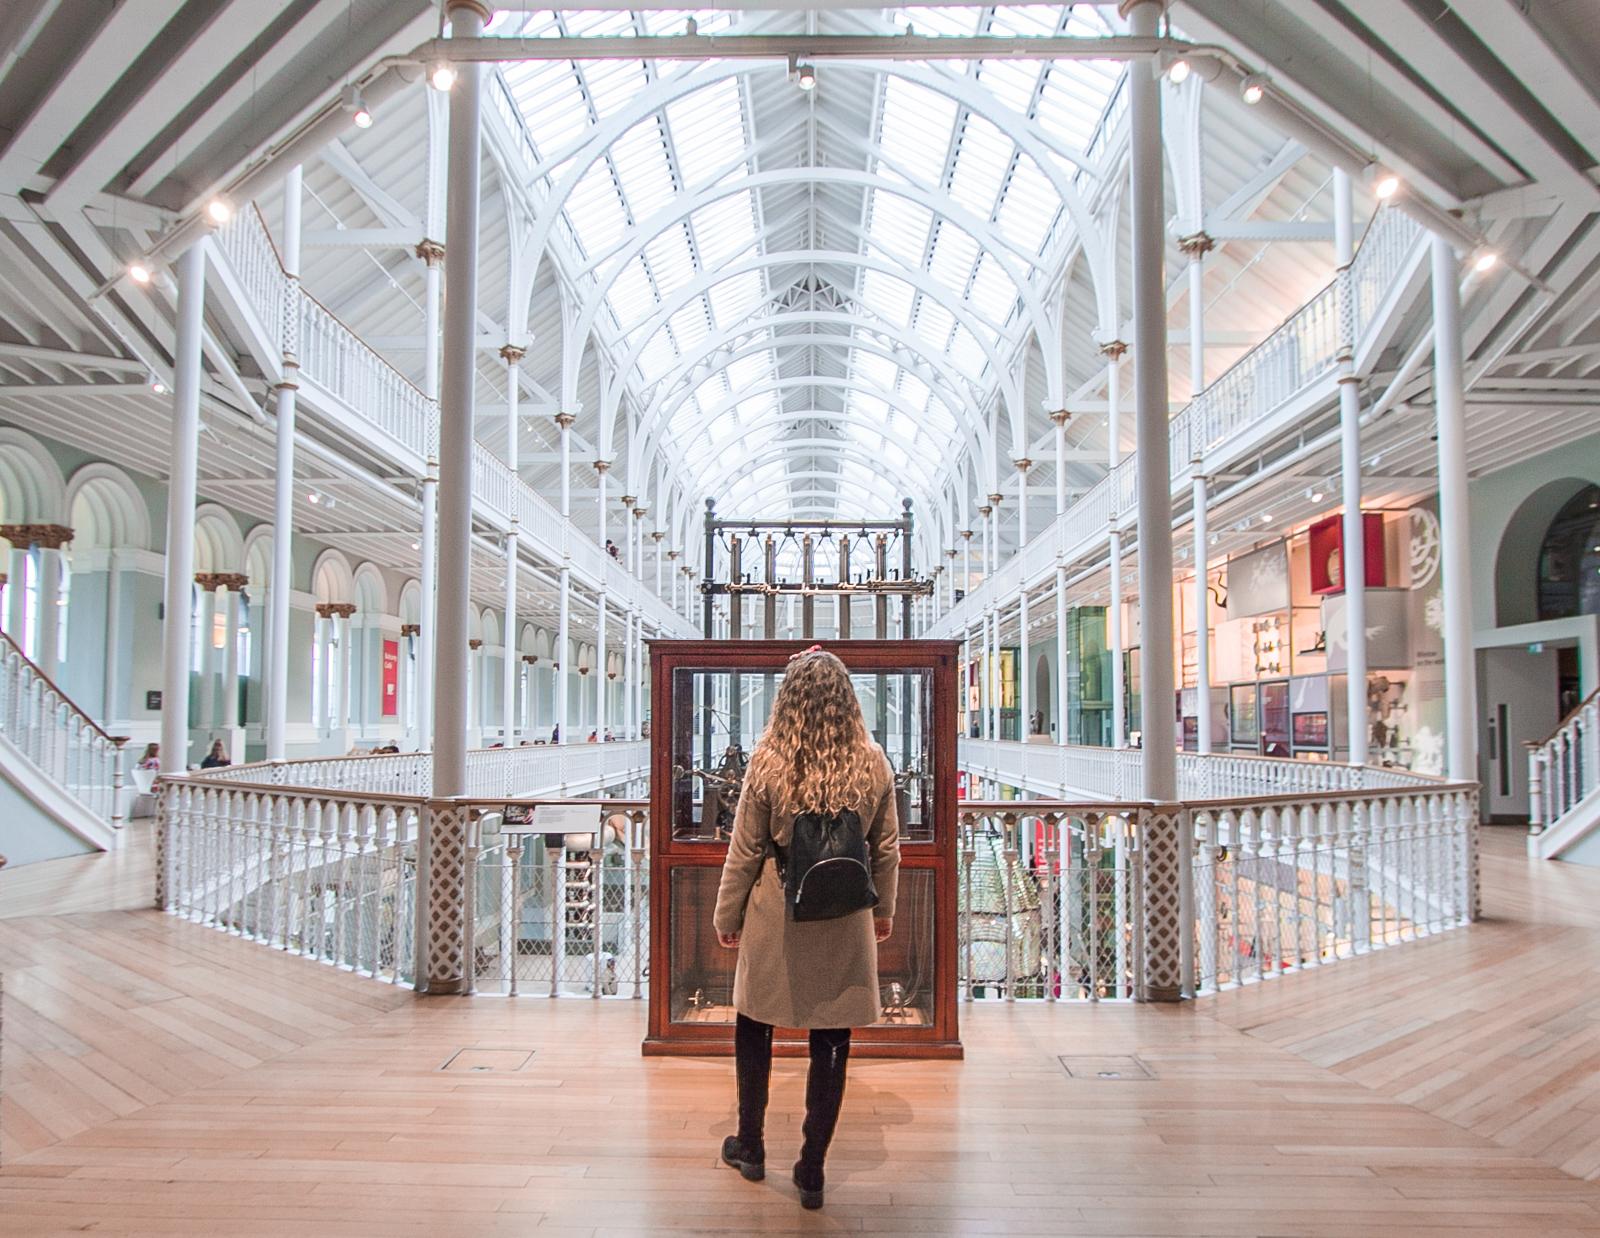 National Museum of Scotland atrakcja w edynburgu